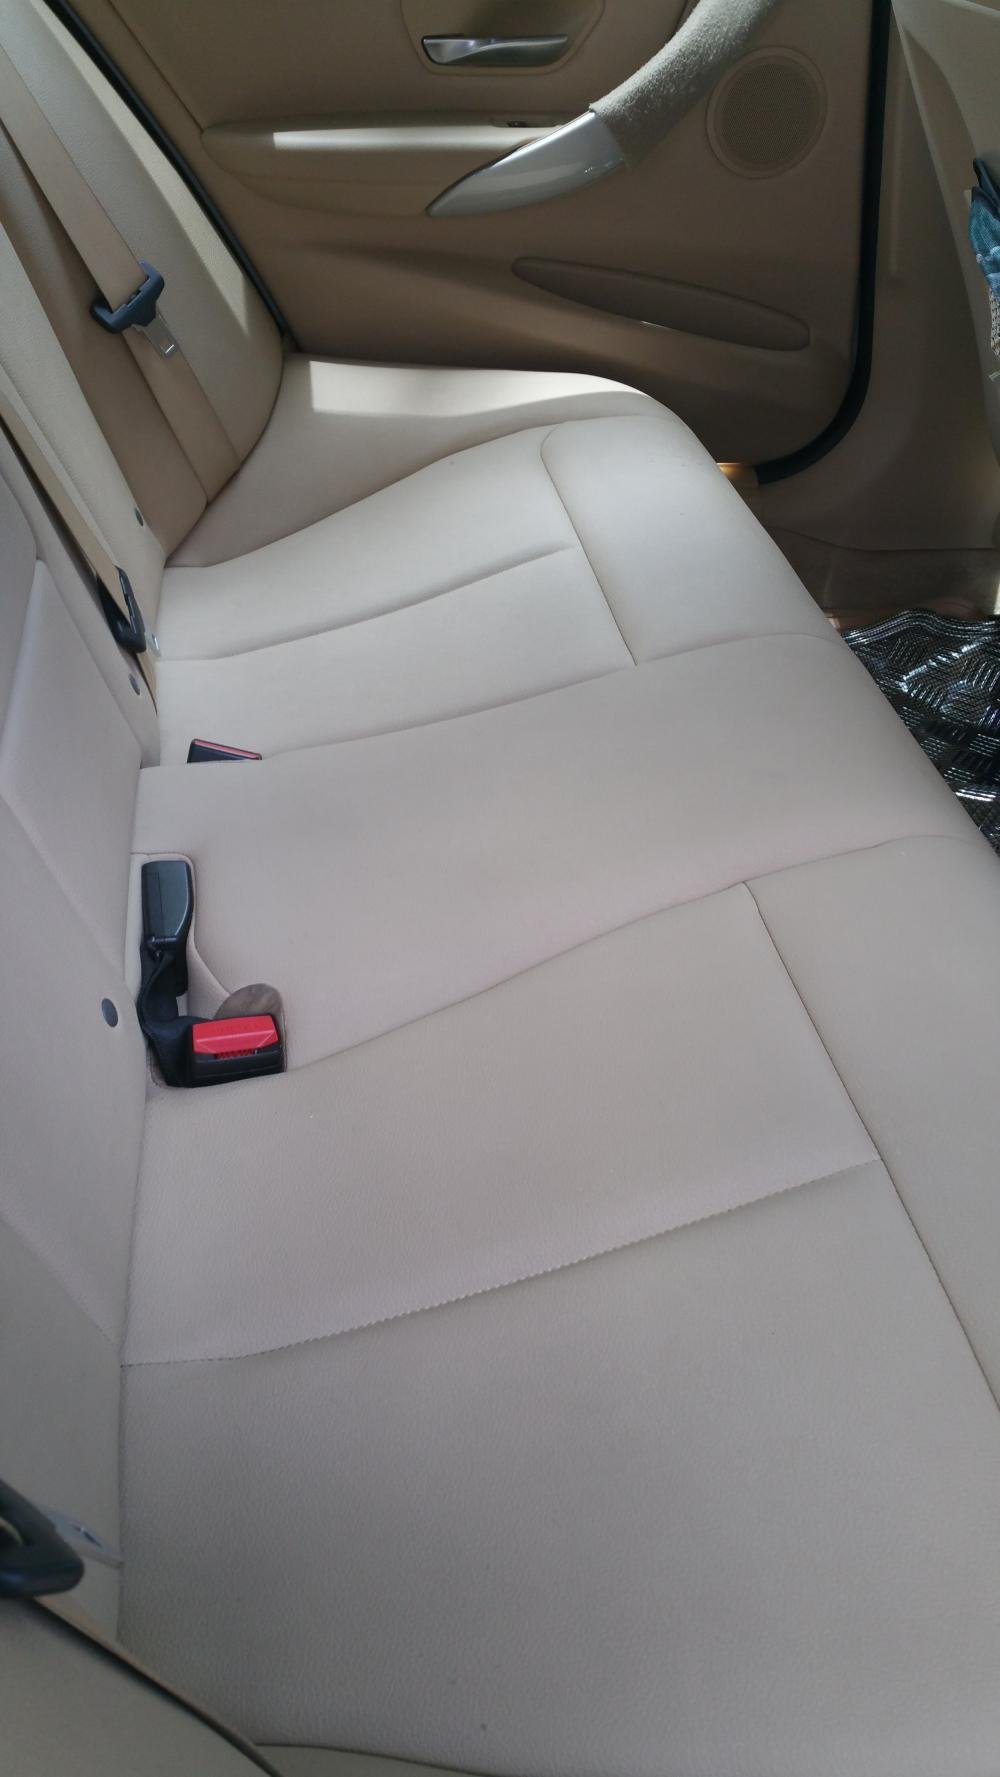 Bán xe BMW 3 Series 320i năm 2013, màu trắng, nhập khẩu nguyên chiếc còn mới-4